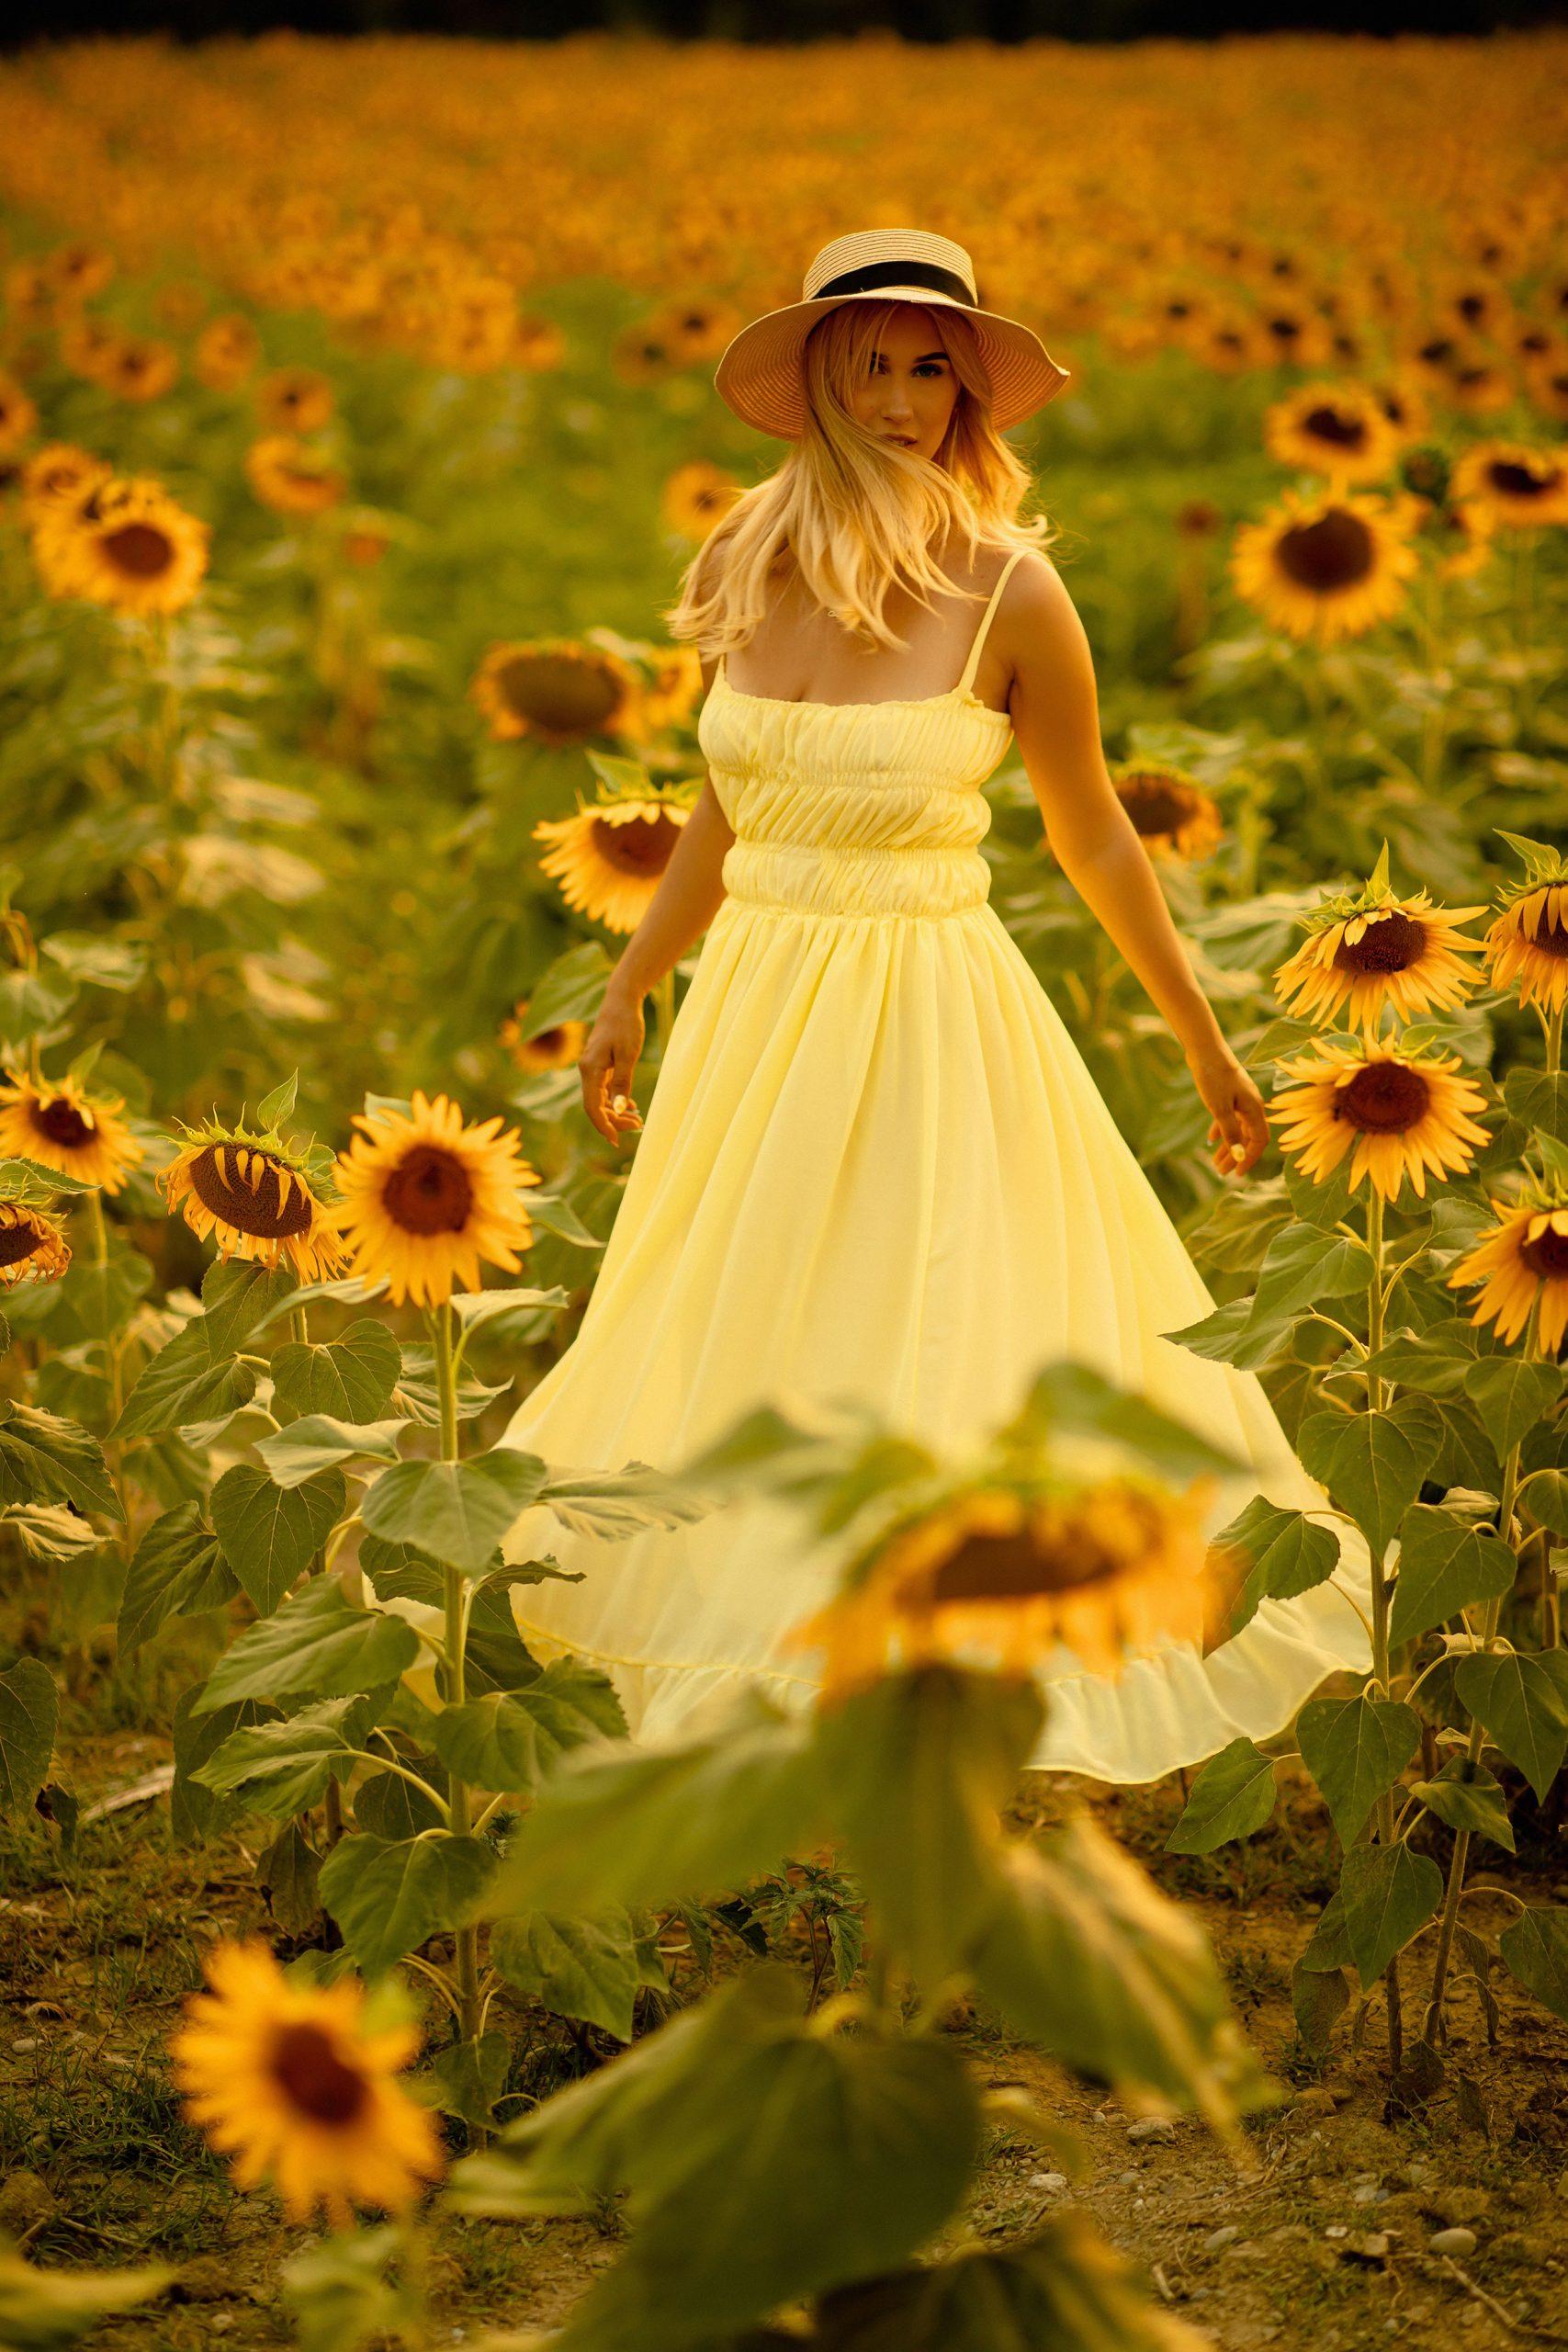 Blonde girl twirling in the sunflower field